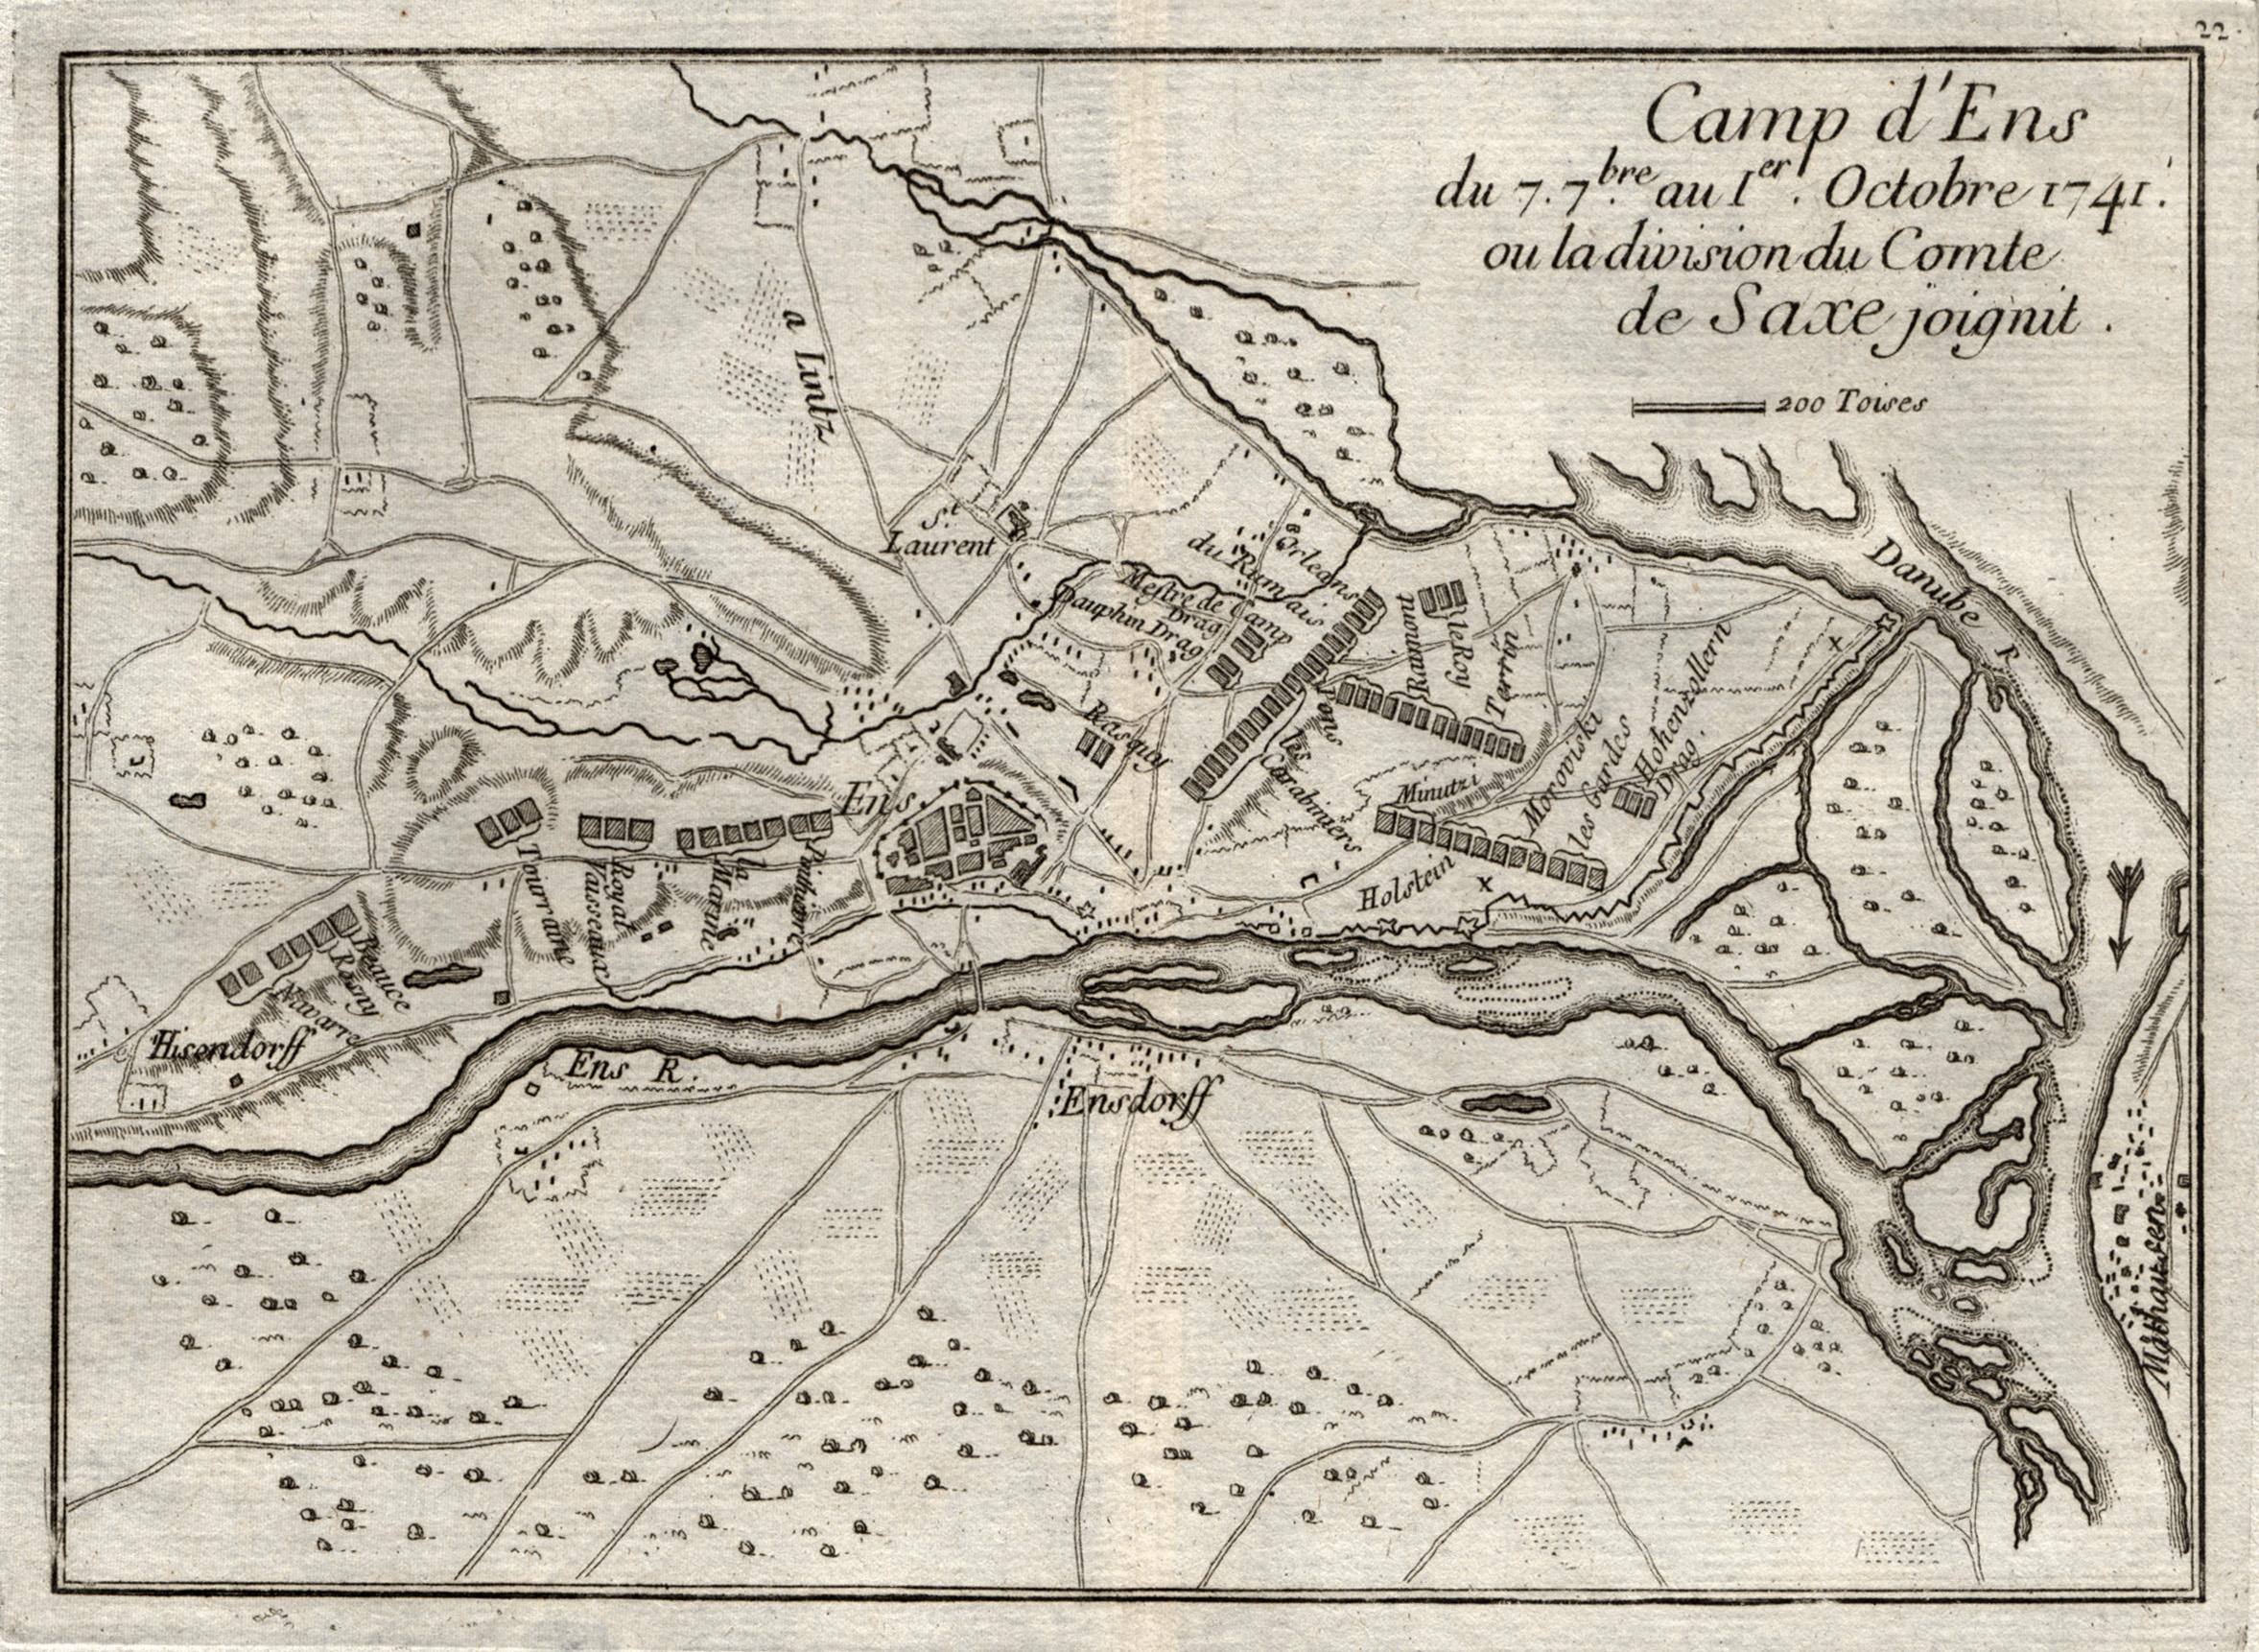 """Umgebungskarte, mit Einzeichnung der Truppenstellungen, """"Camp d': Enns:"""